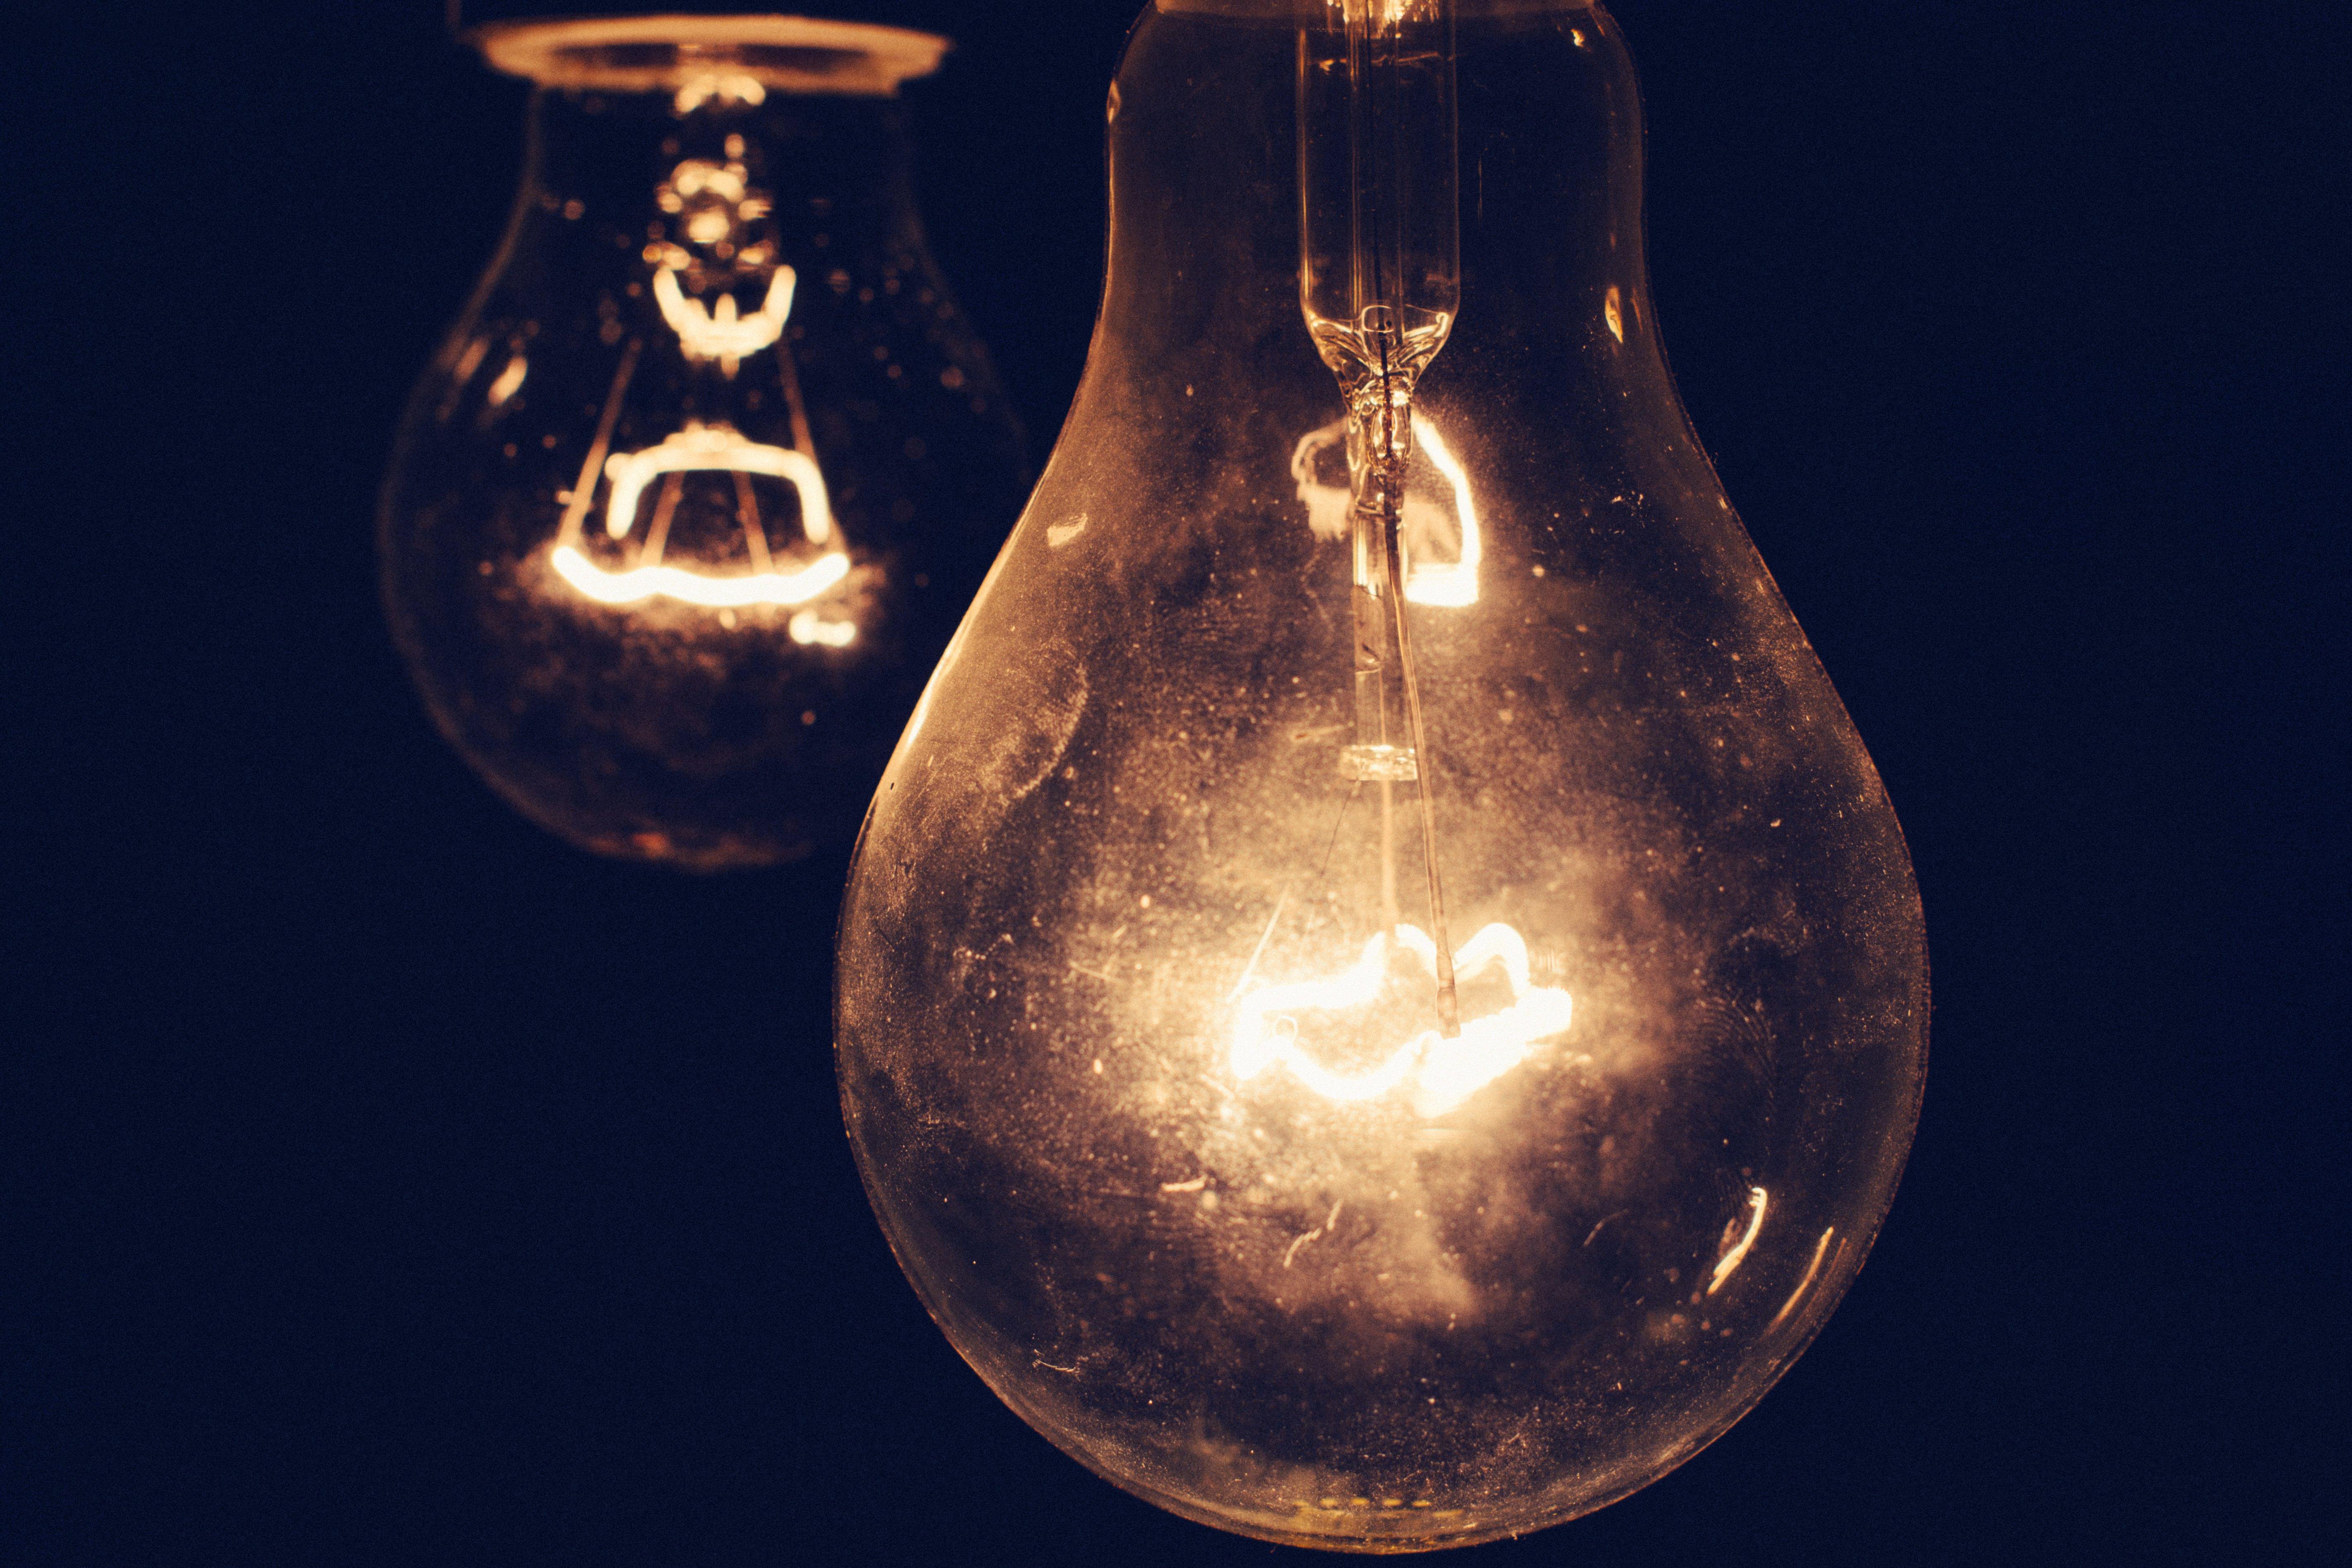 Blogi: Milloin yrityksen kannattaa ottaa tekoäly käyttöön BI-järjestelmässä?